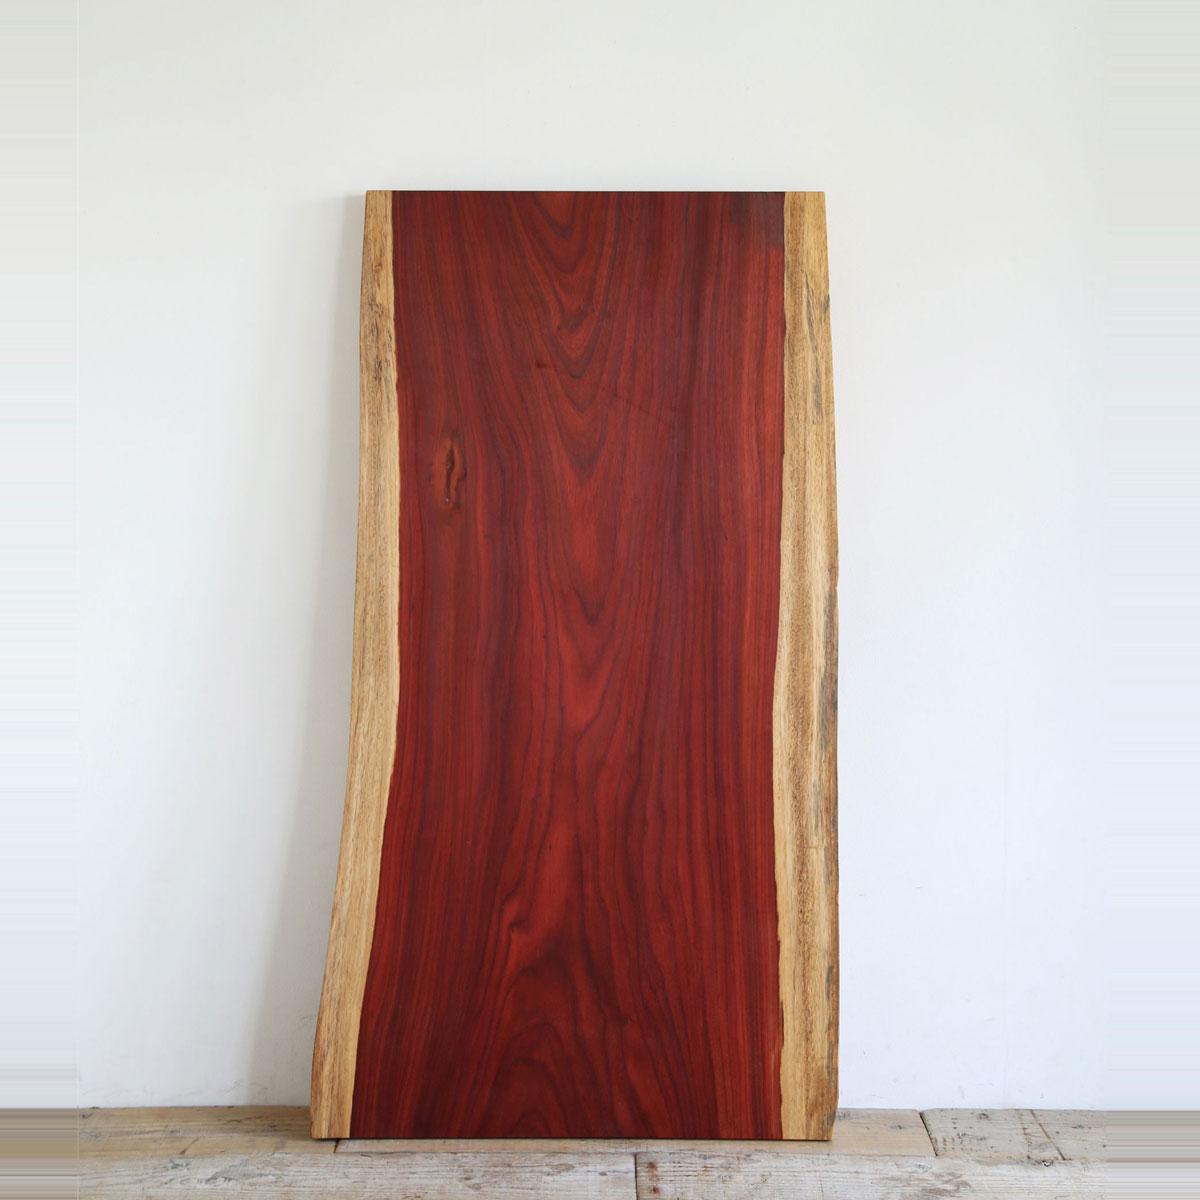 ダイニングテーブル 無垢 一枚板 天板 天然木 diy 1枚板 天板のみ 国内加工 日本産 無垢板 パドック天板 一枚板テーブル 幅160 ダイニング D740~860 テーブル 世界に一つだけのオリジナル天板 材木 定番の人気シリーズPOINT ポイント 入荷 W1600